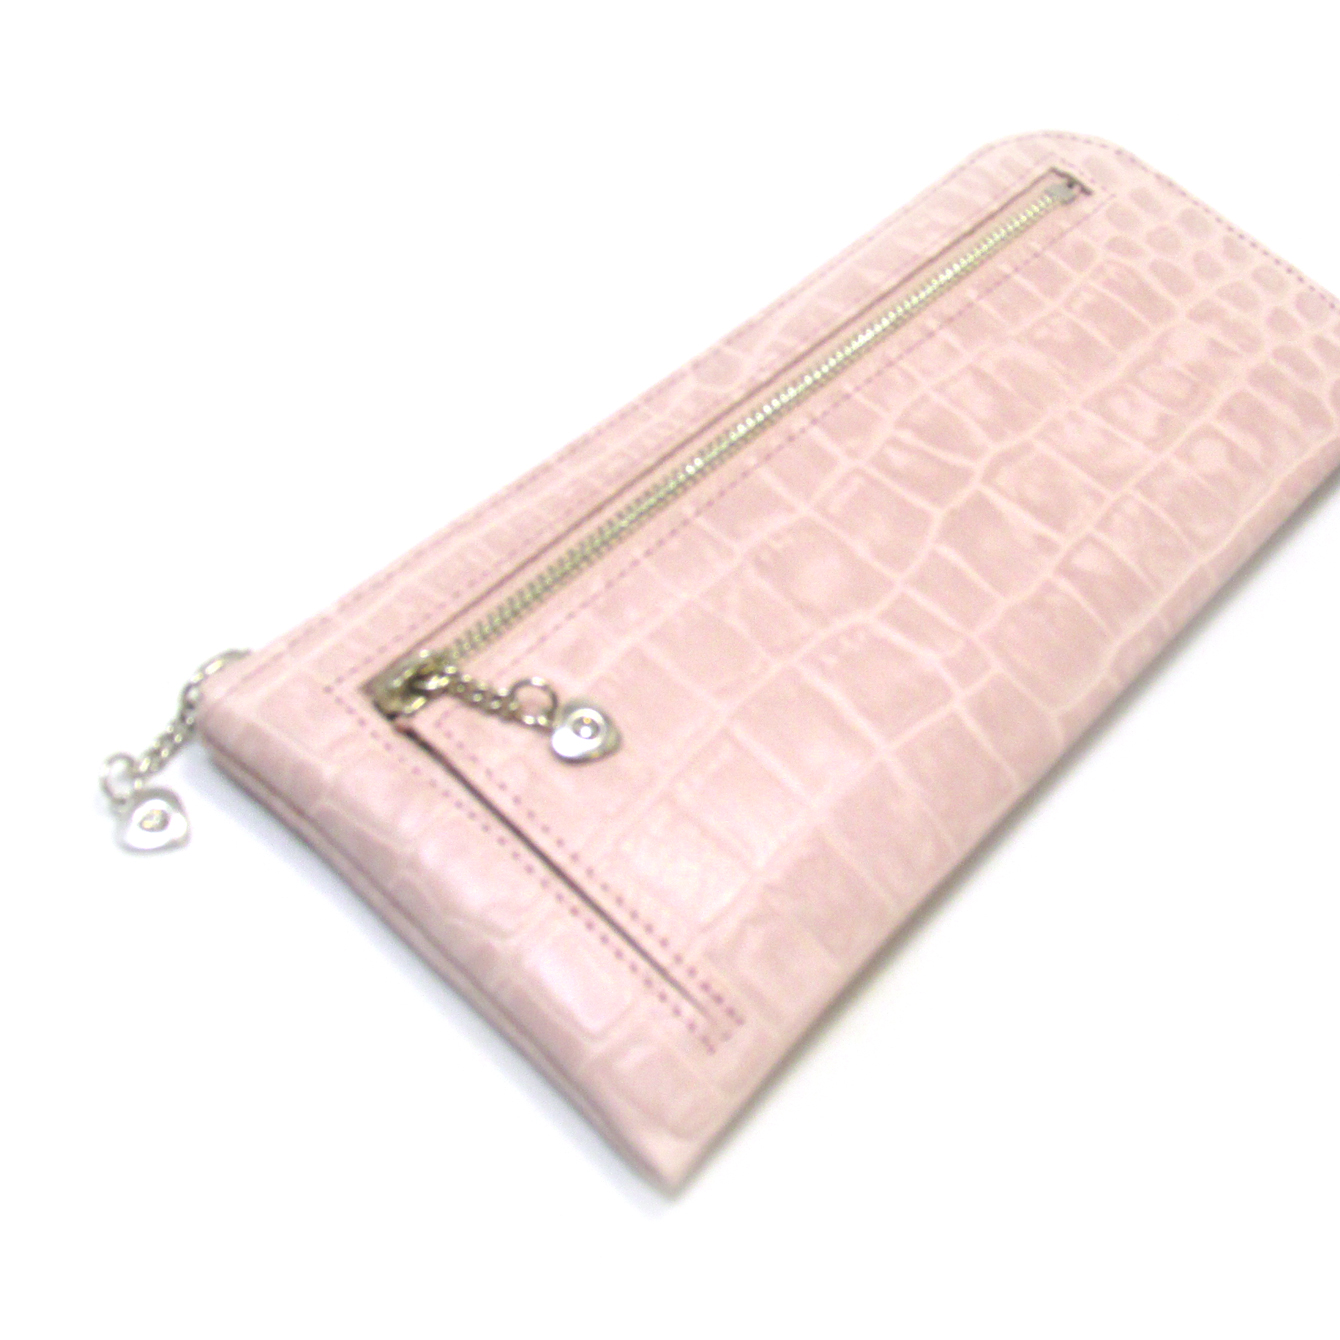 《ビージュエルド》クロコ型押し薄型長財布・キラリと輝くスワロフスキー【サクラ色】